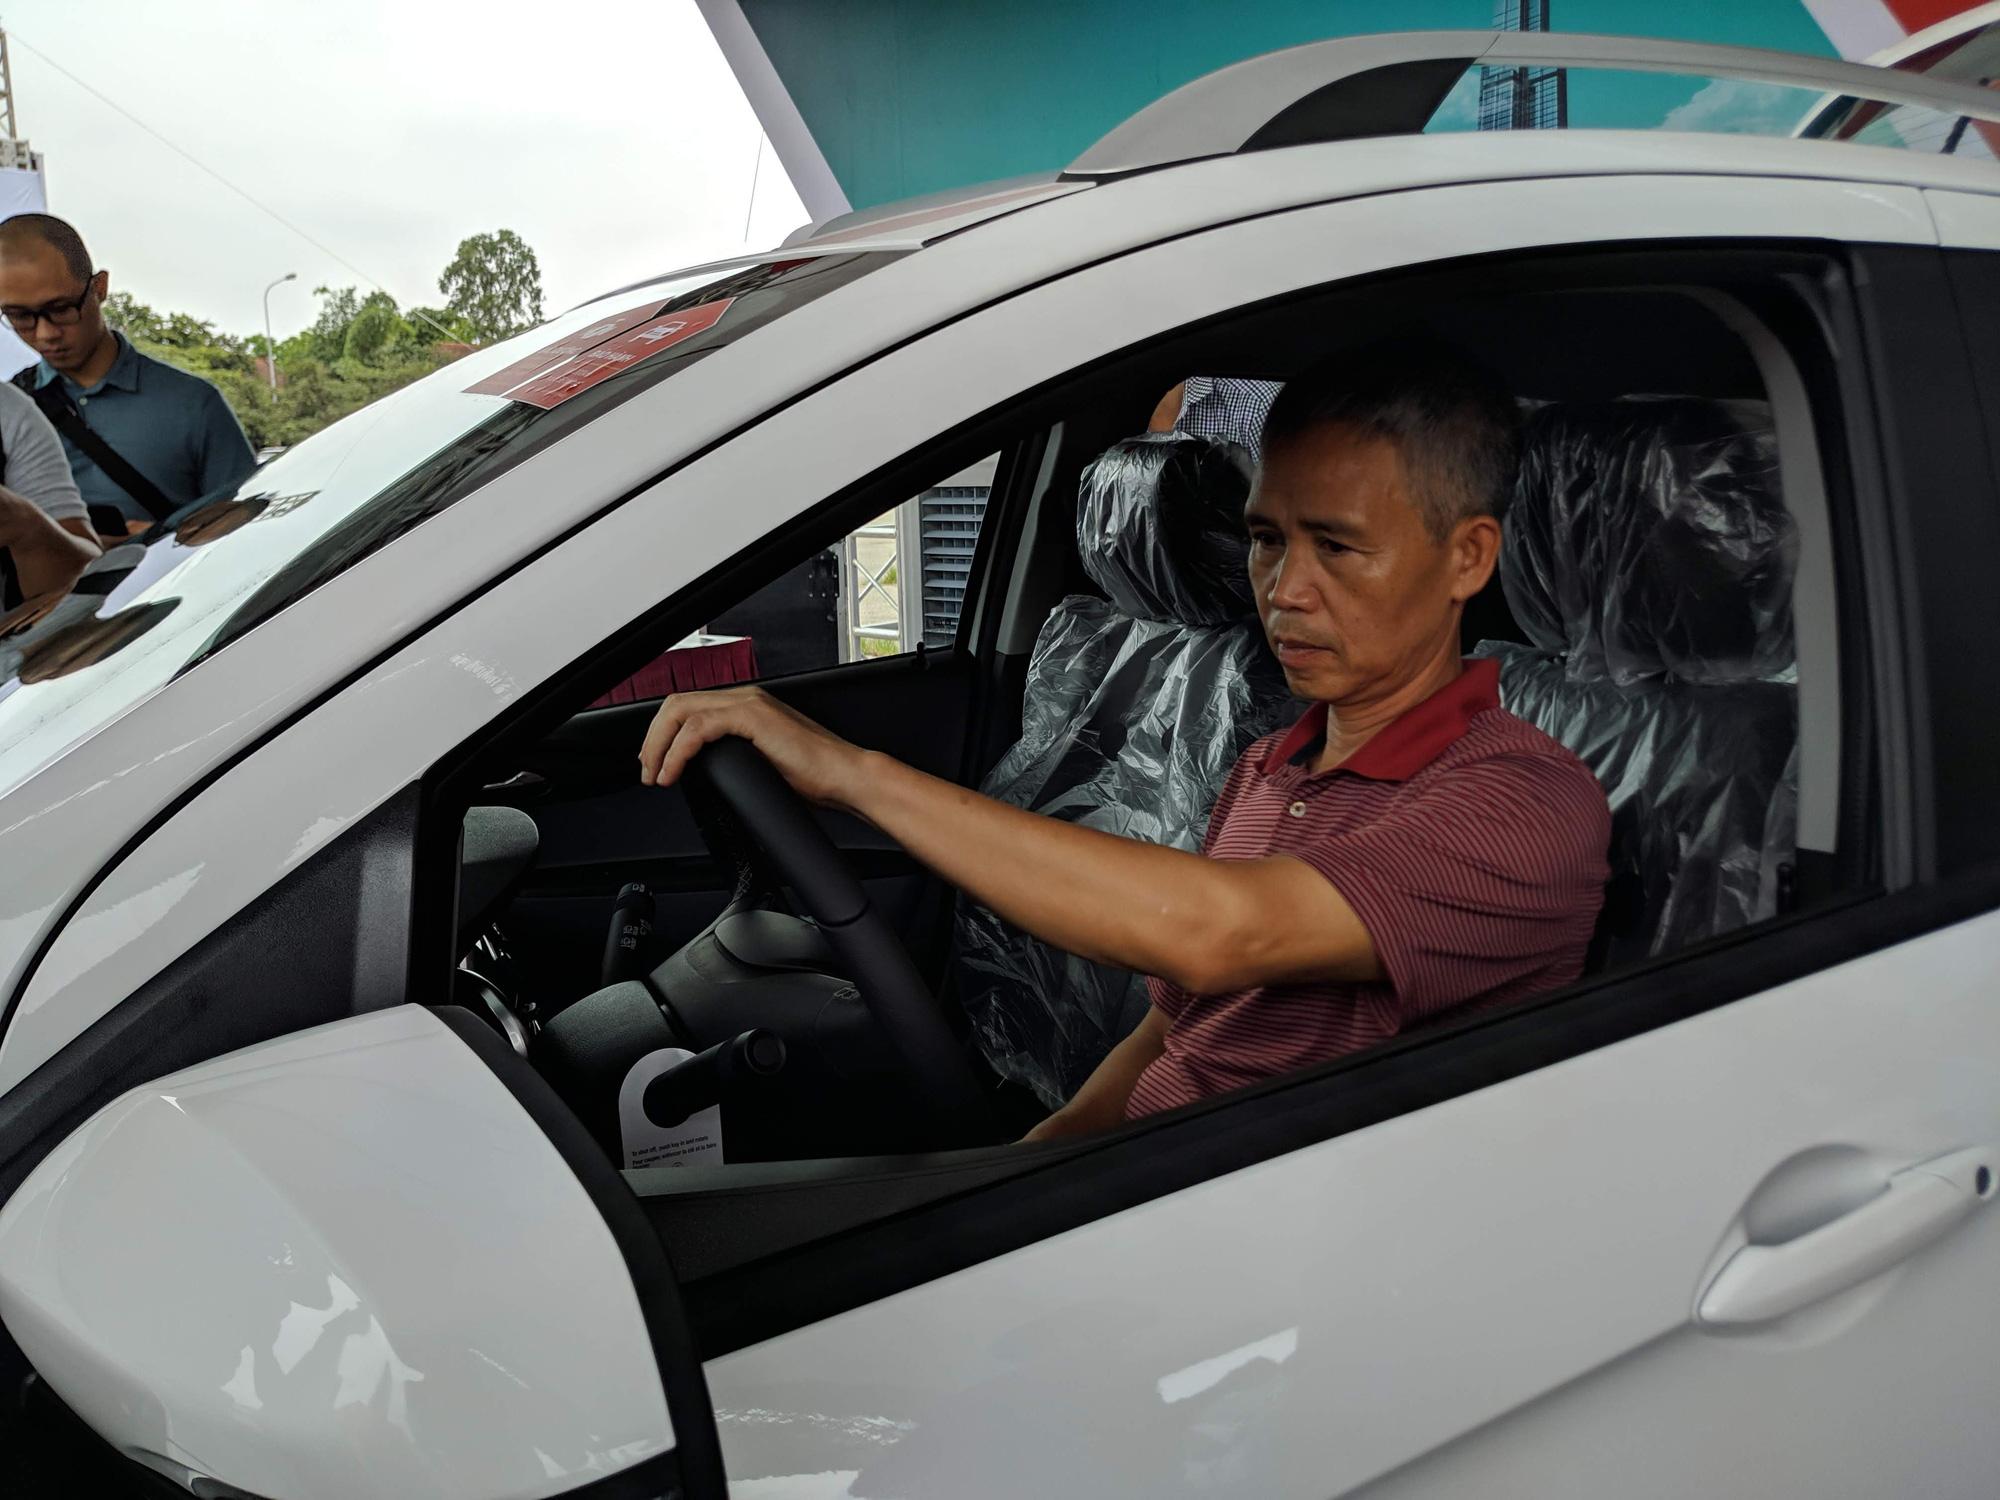 VinFast sắp sửa bán xe tại Lào? - Ảnh 1.